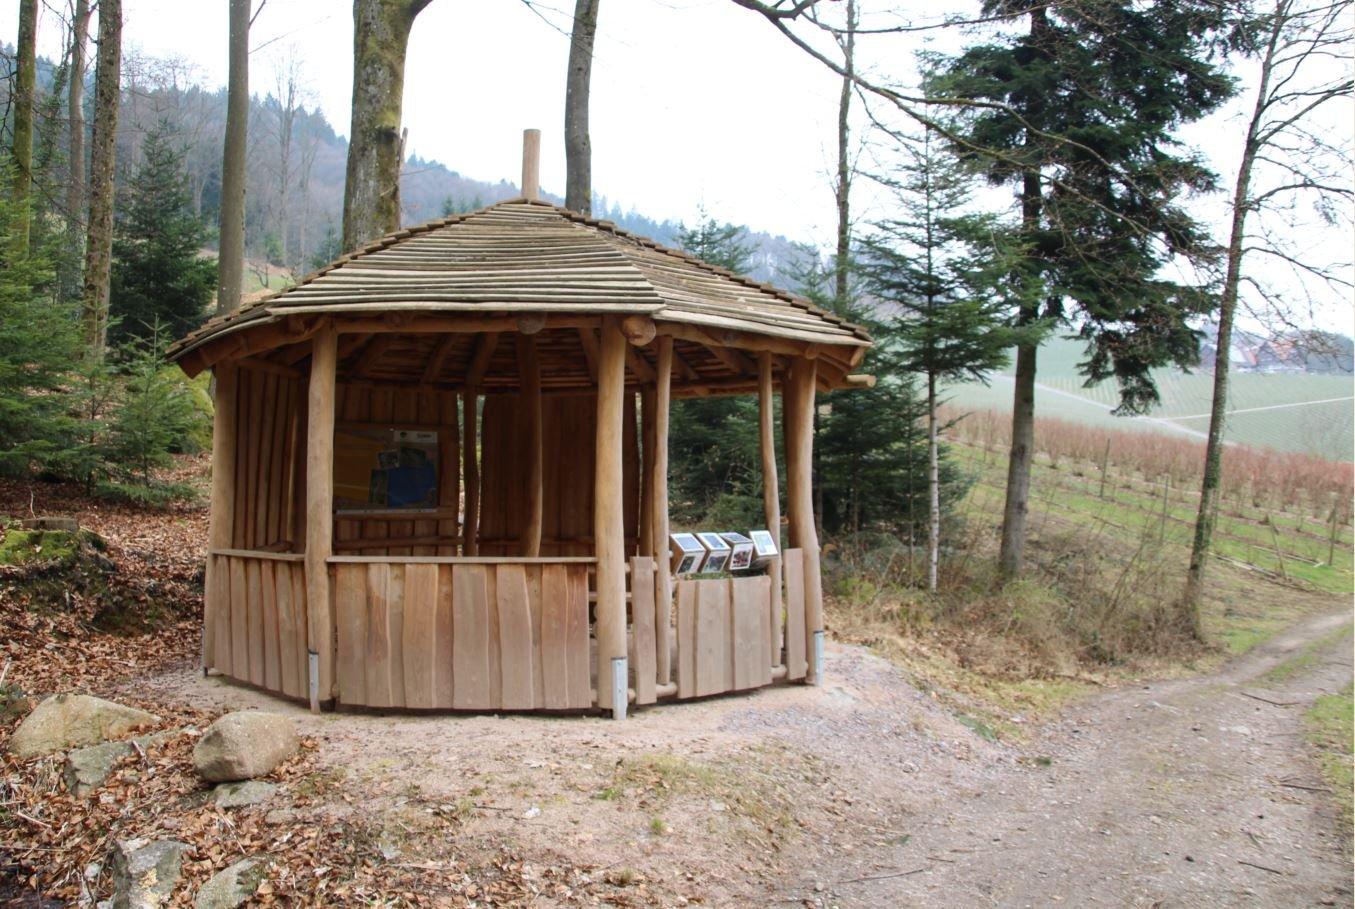 Pavillon beim Erlebnsibereich Stein